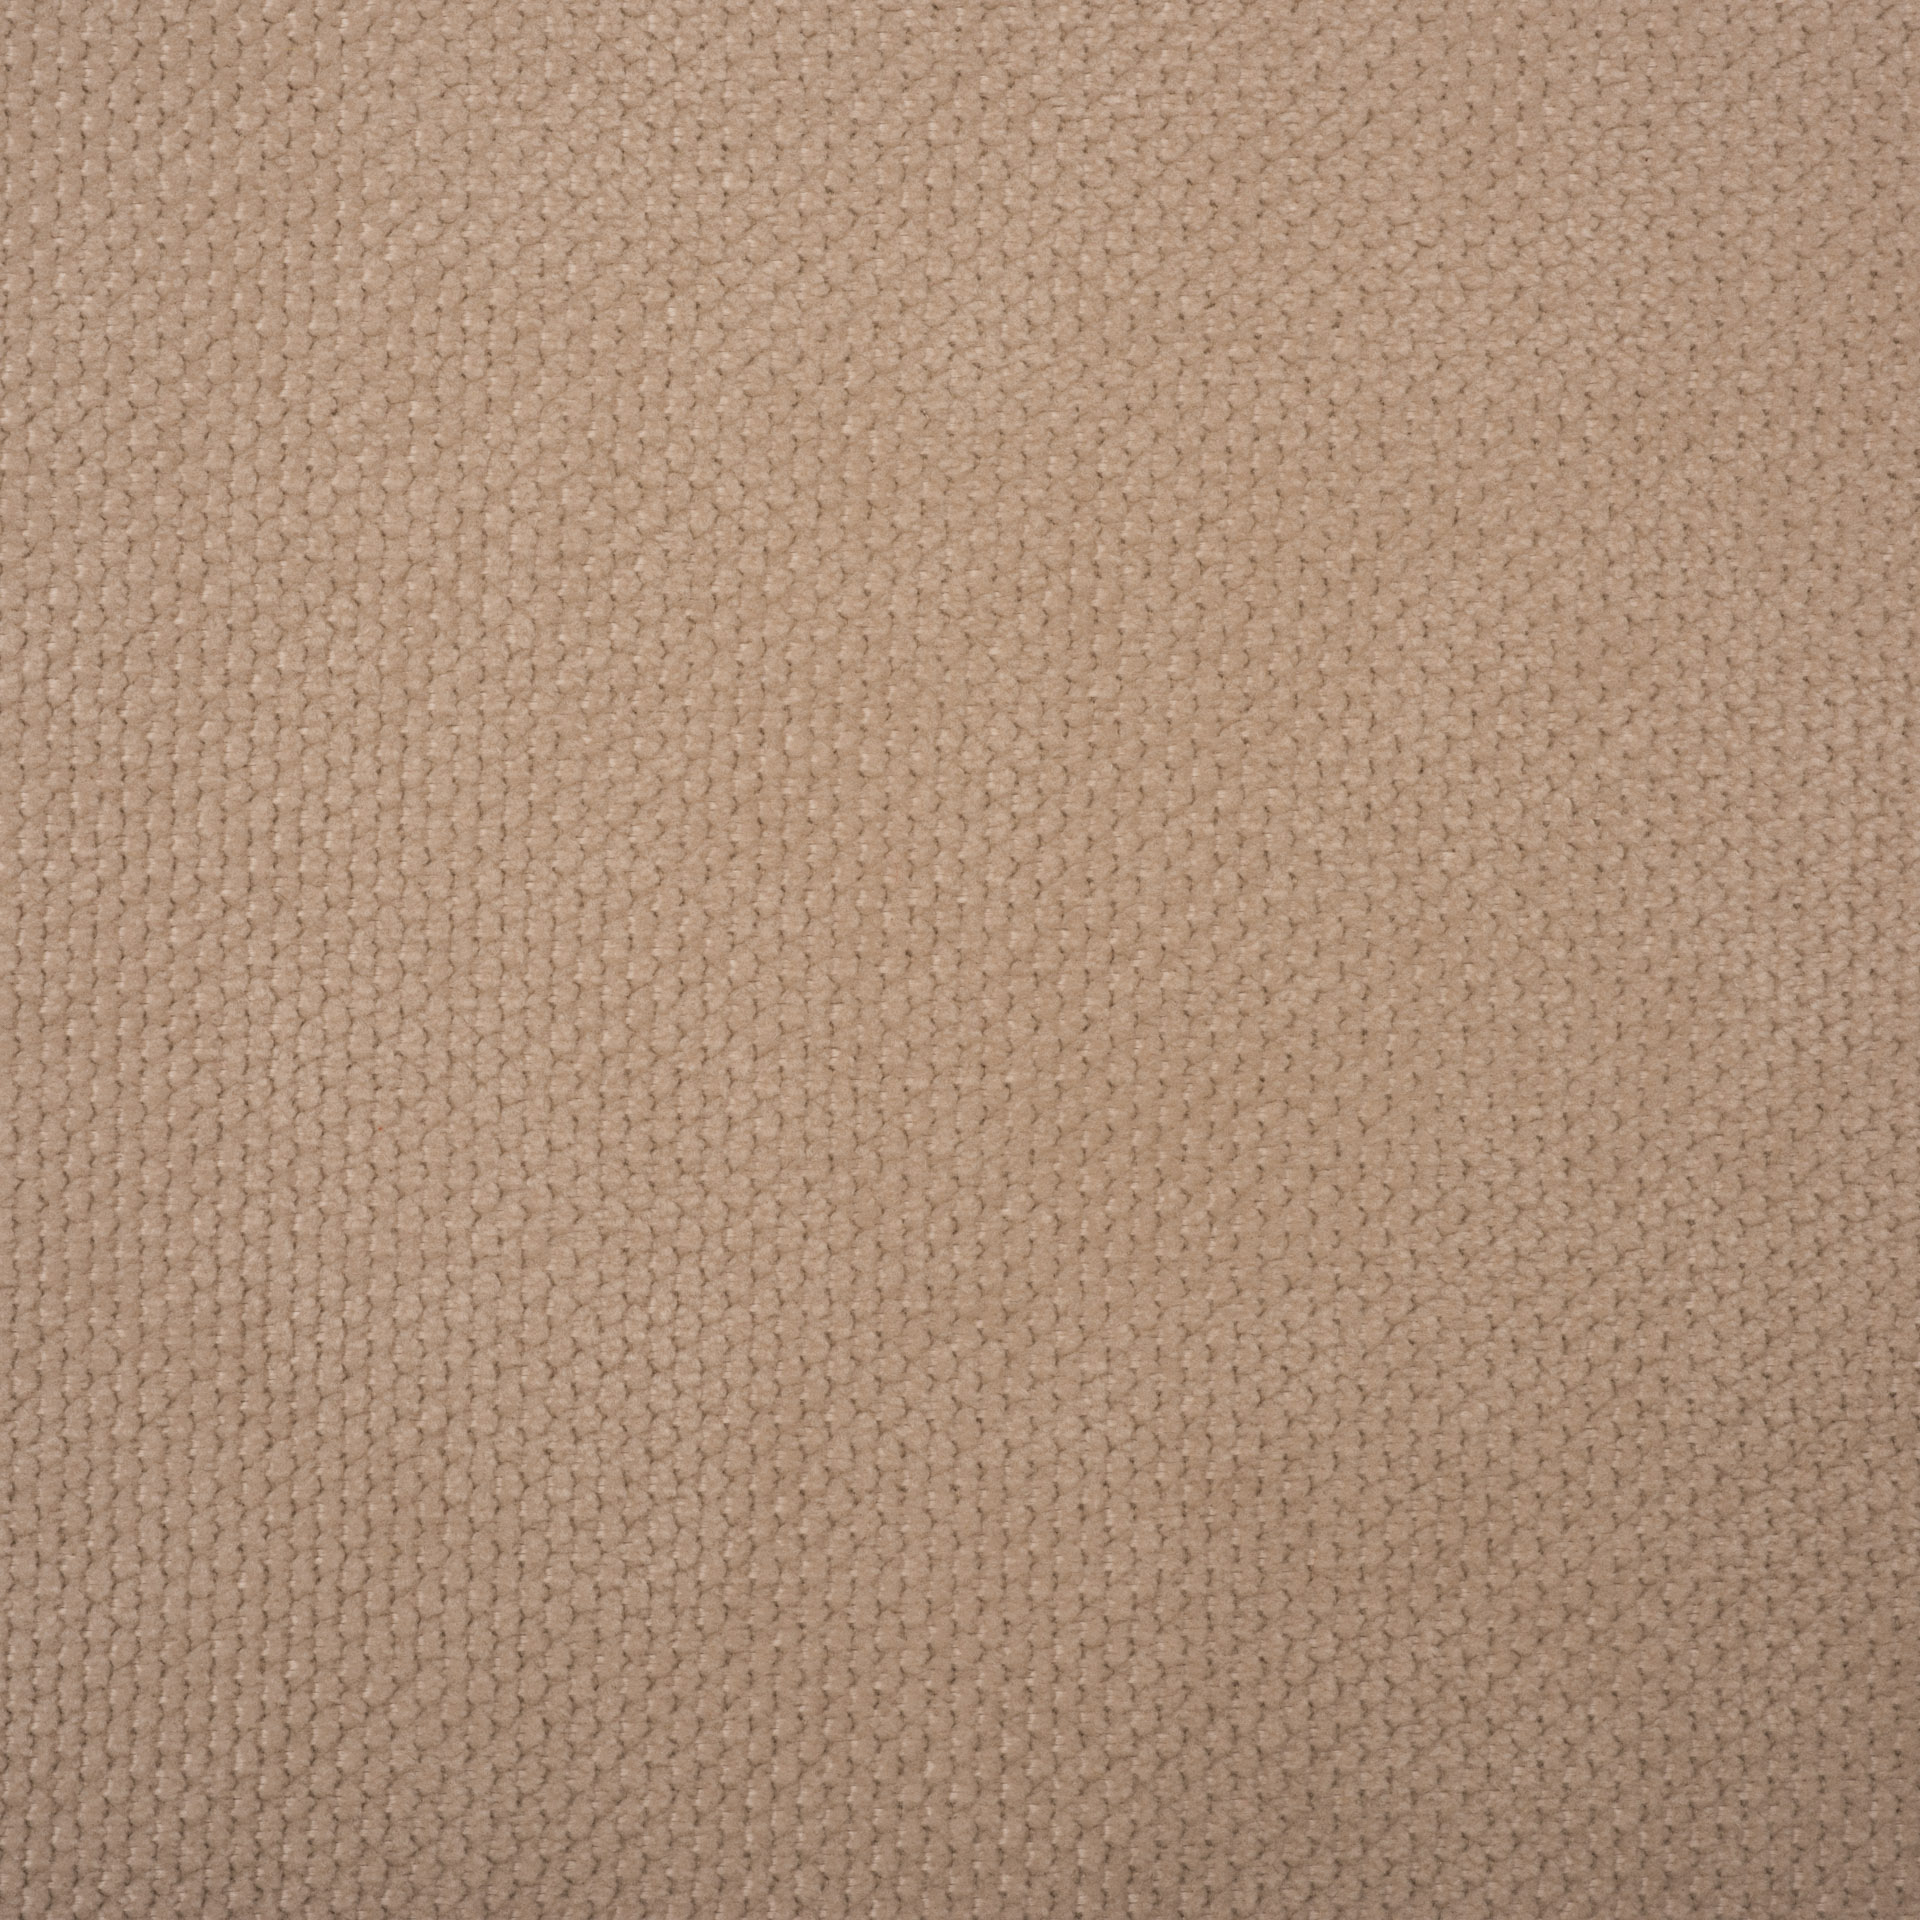 Коллекция ткани Дели 02 CREAM,  купить ткань Жаккард для мебели Украина